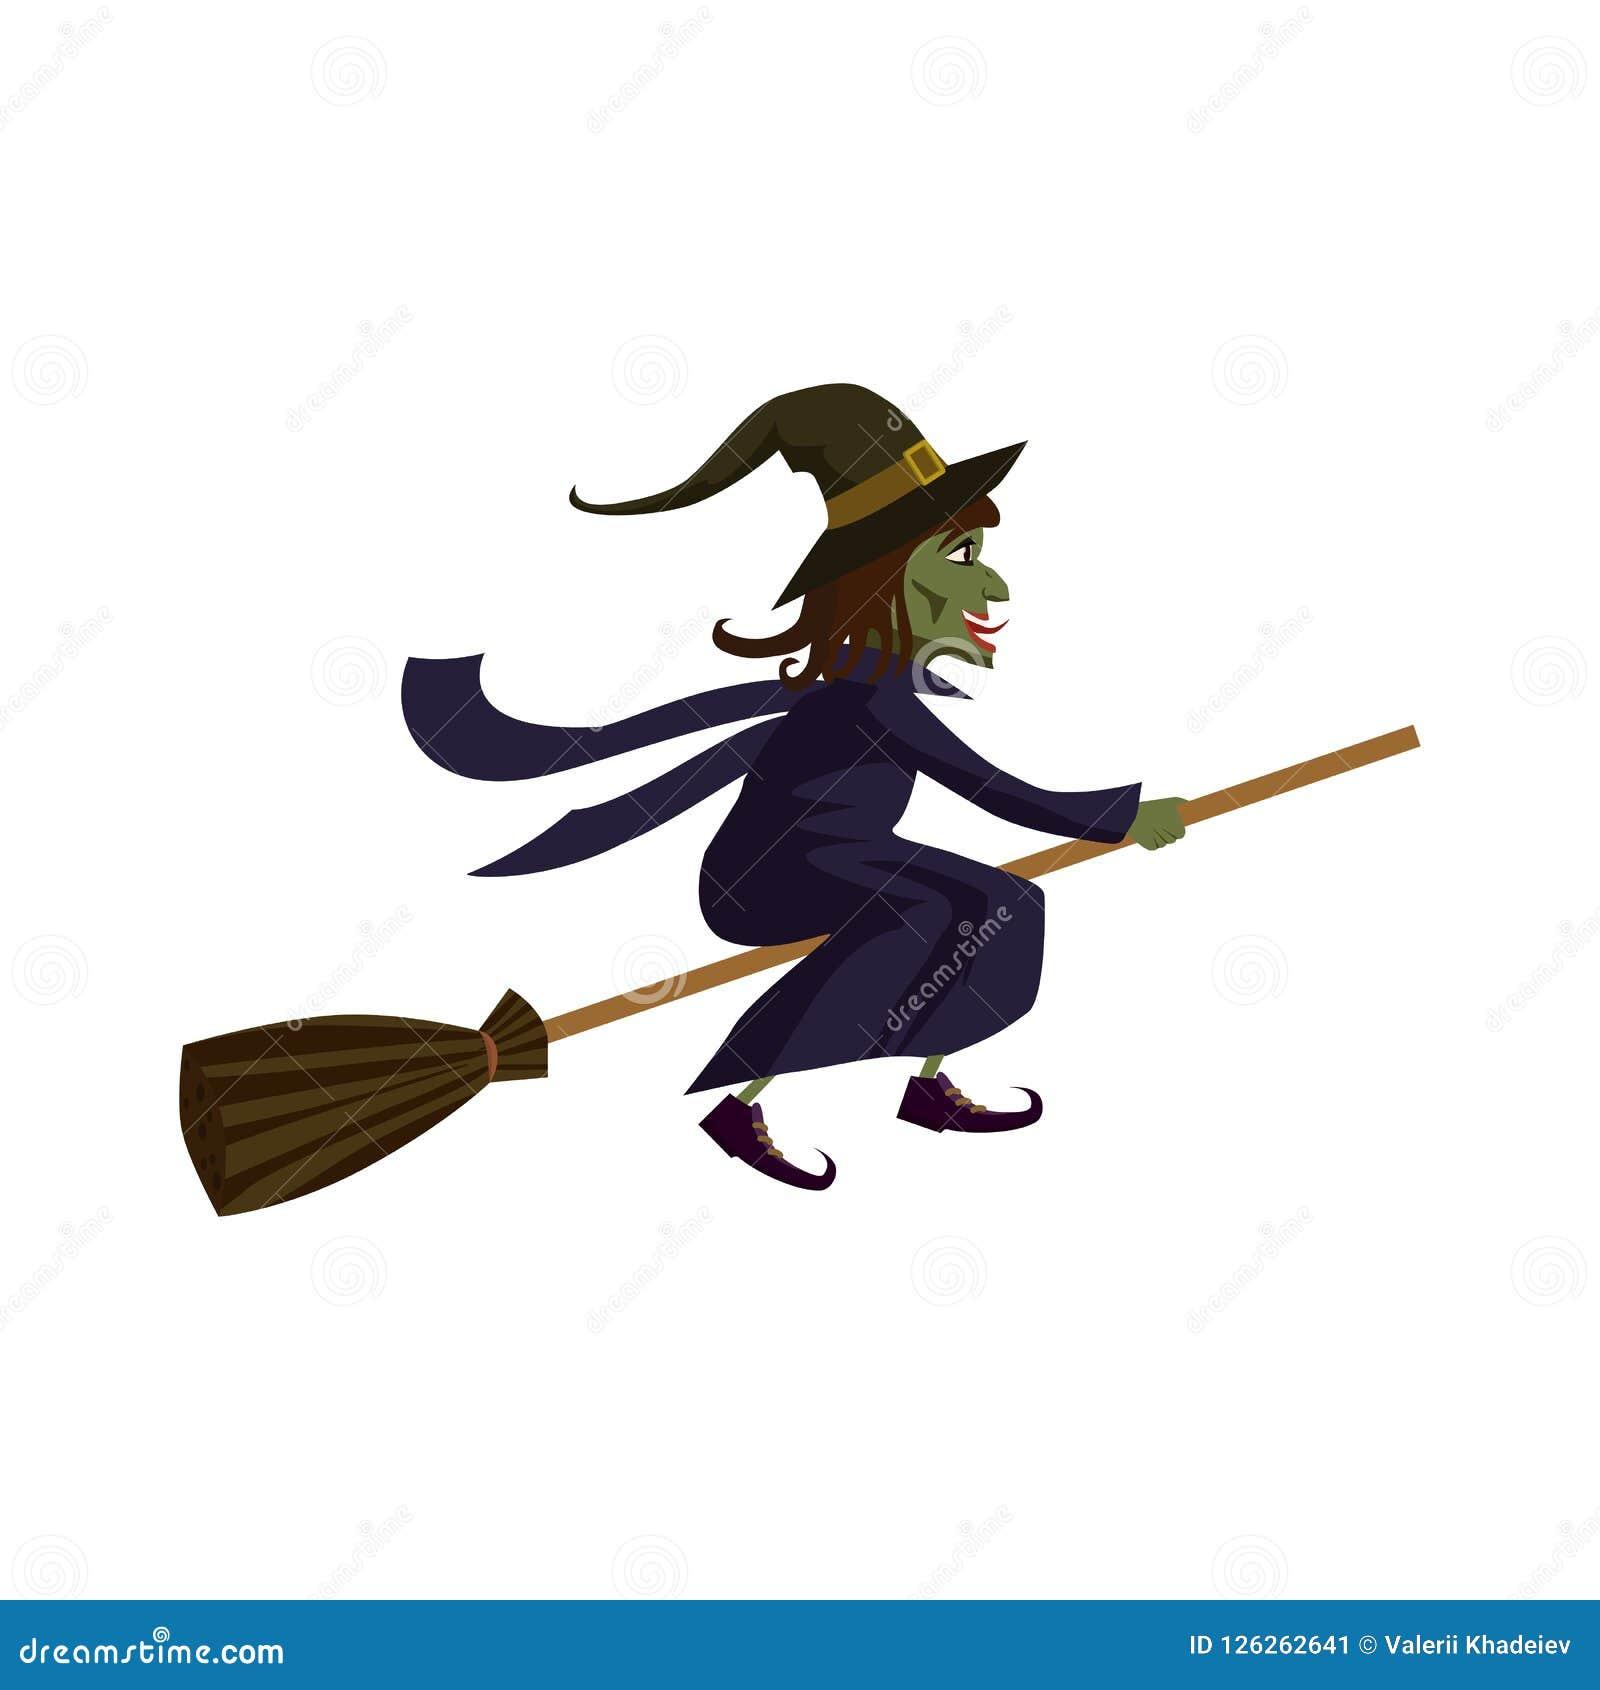 La strega su un manico di scopa, festa Halloween, carattere, attributo, icona, vettore, illustrazione, isolata, styyle del fumett